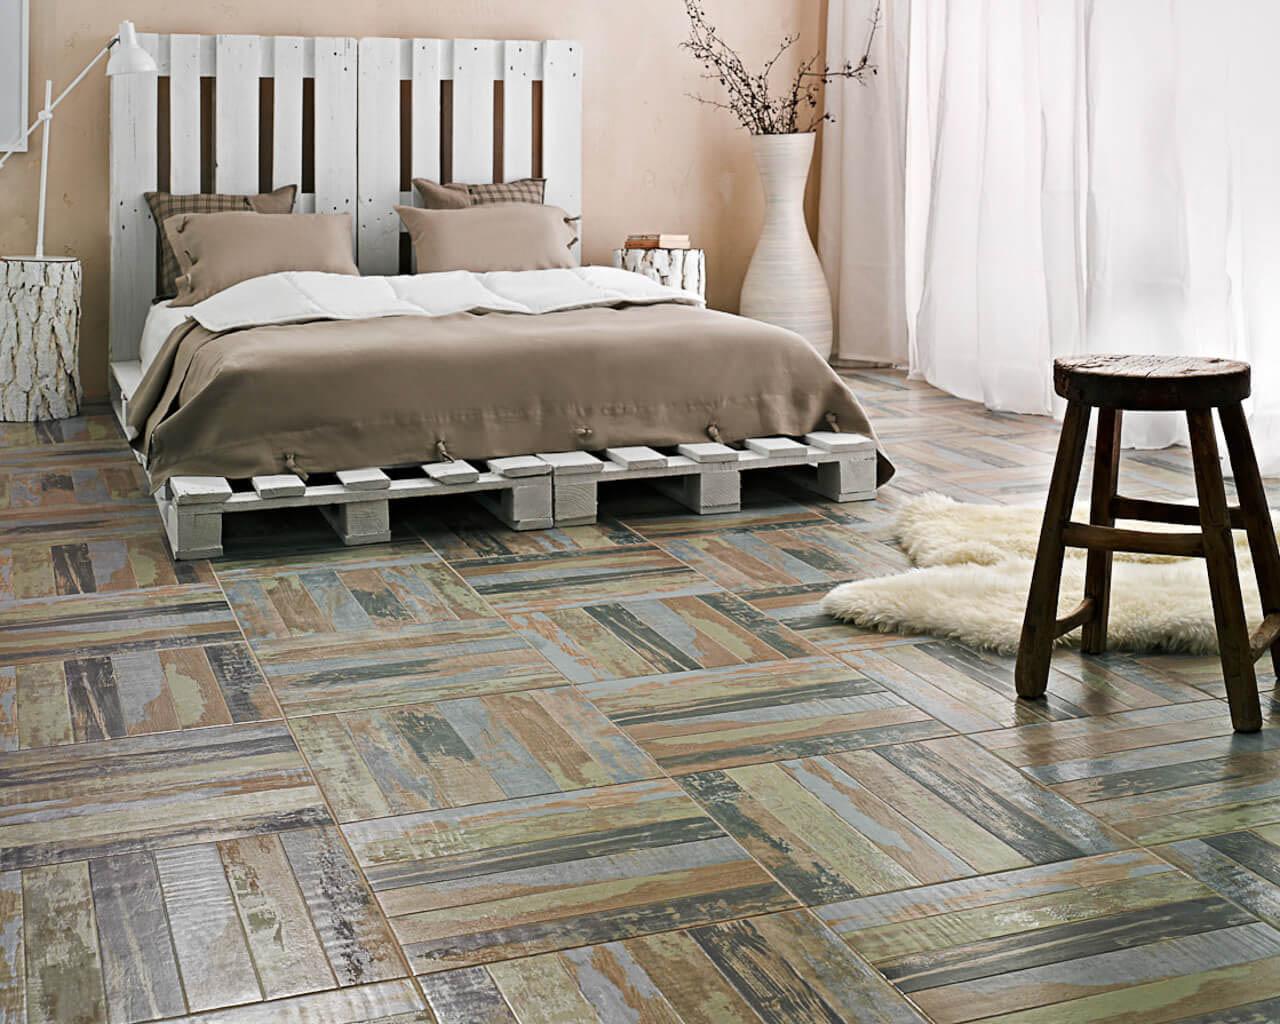 Sypialnia z podłogą jak parkiet i łóżkiem z palet